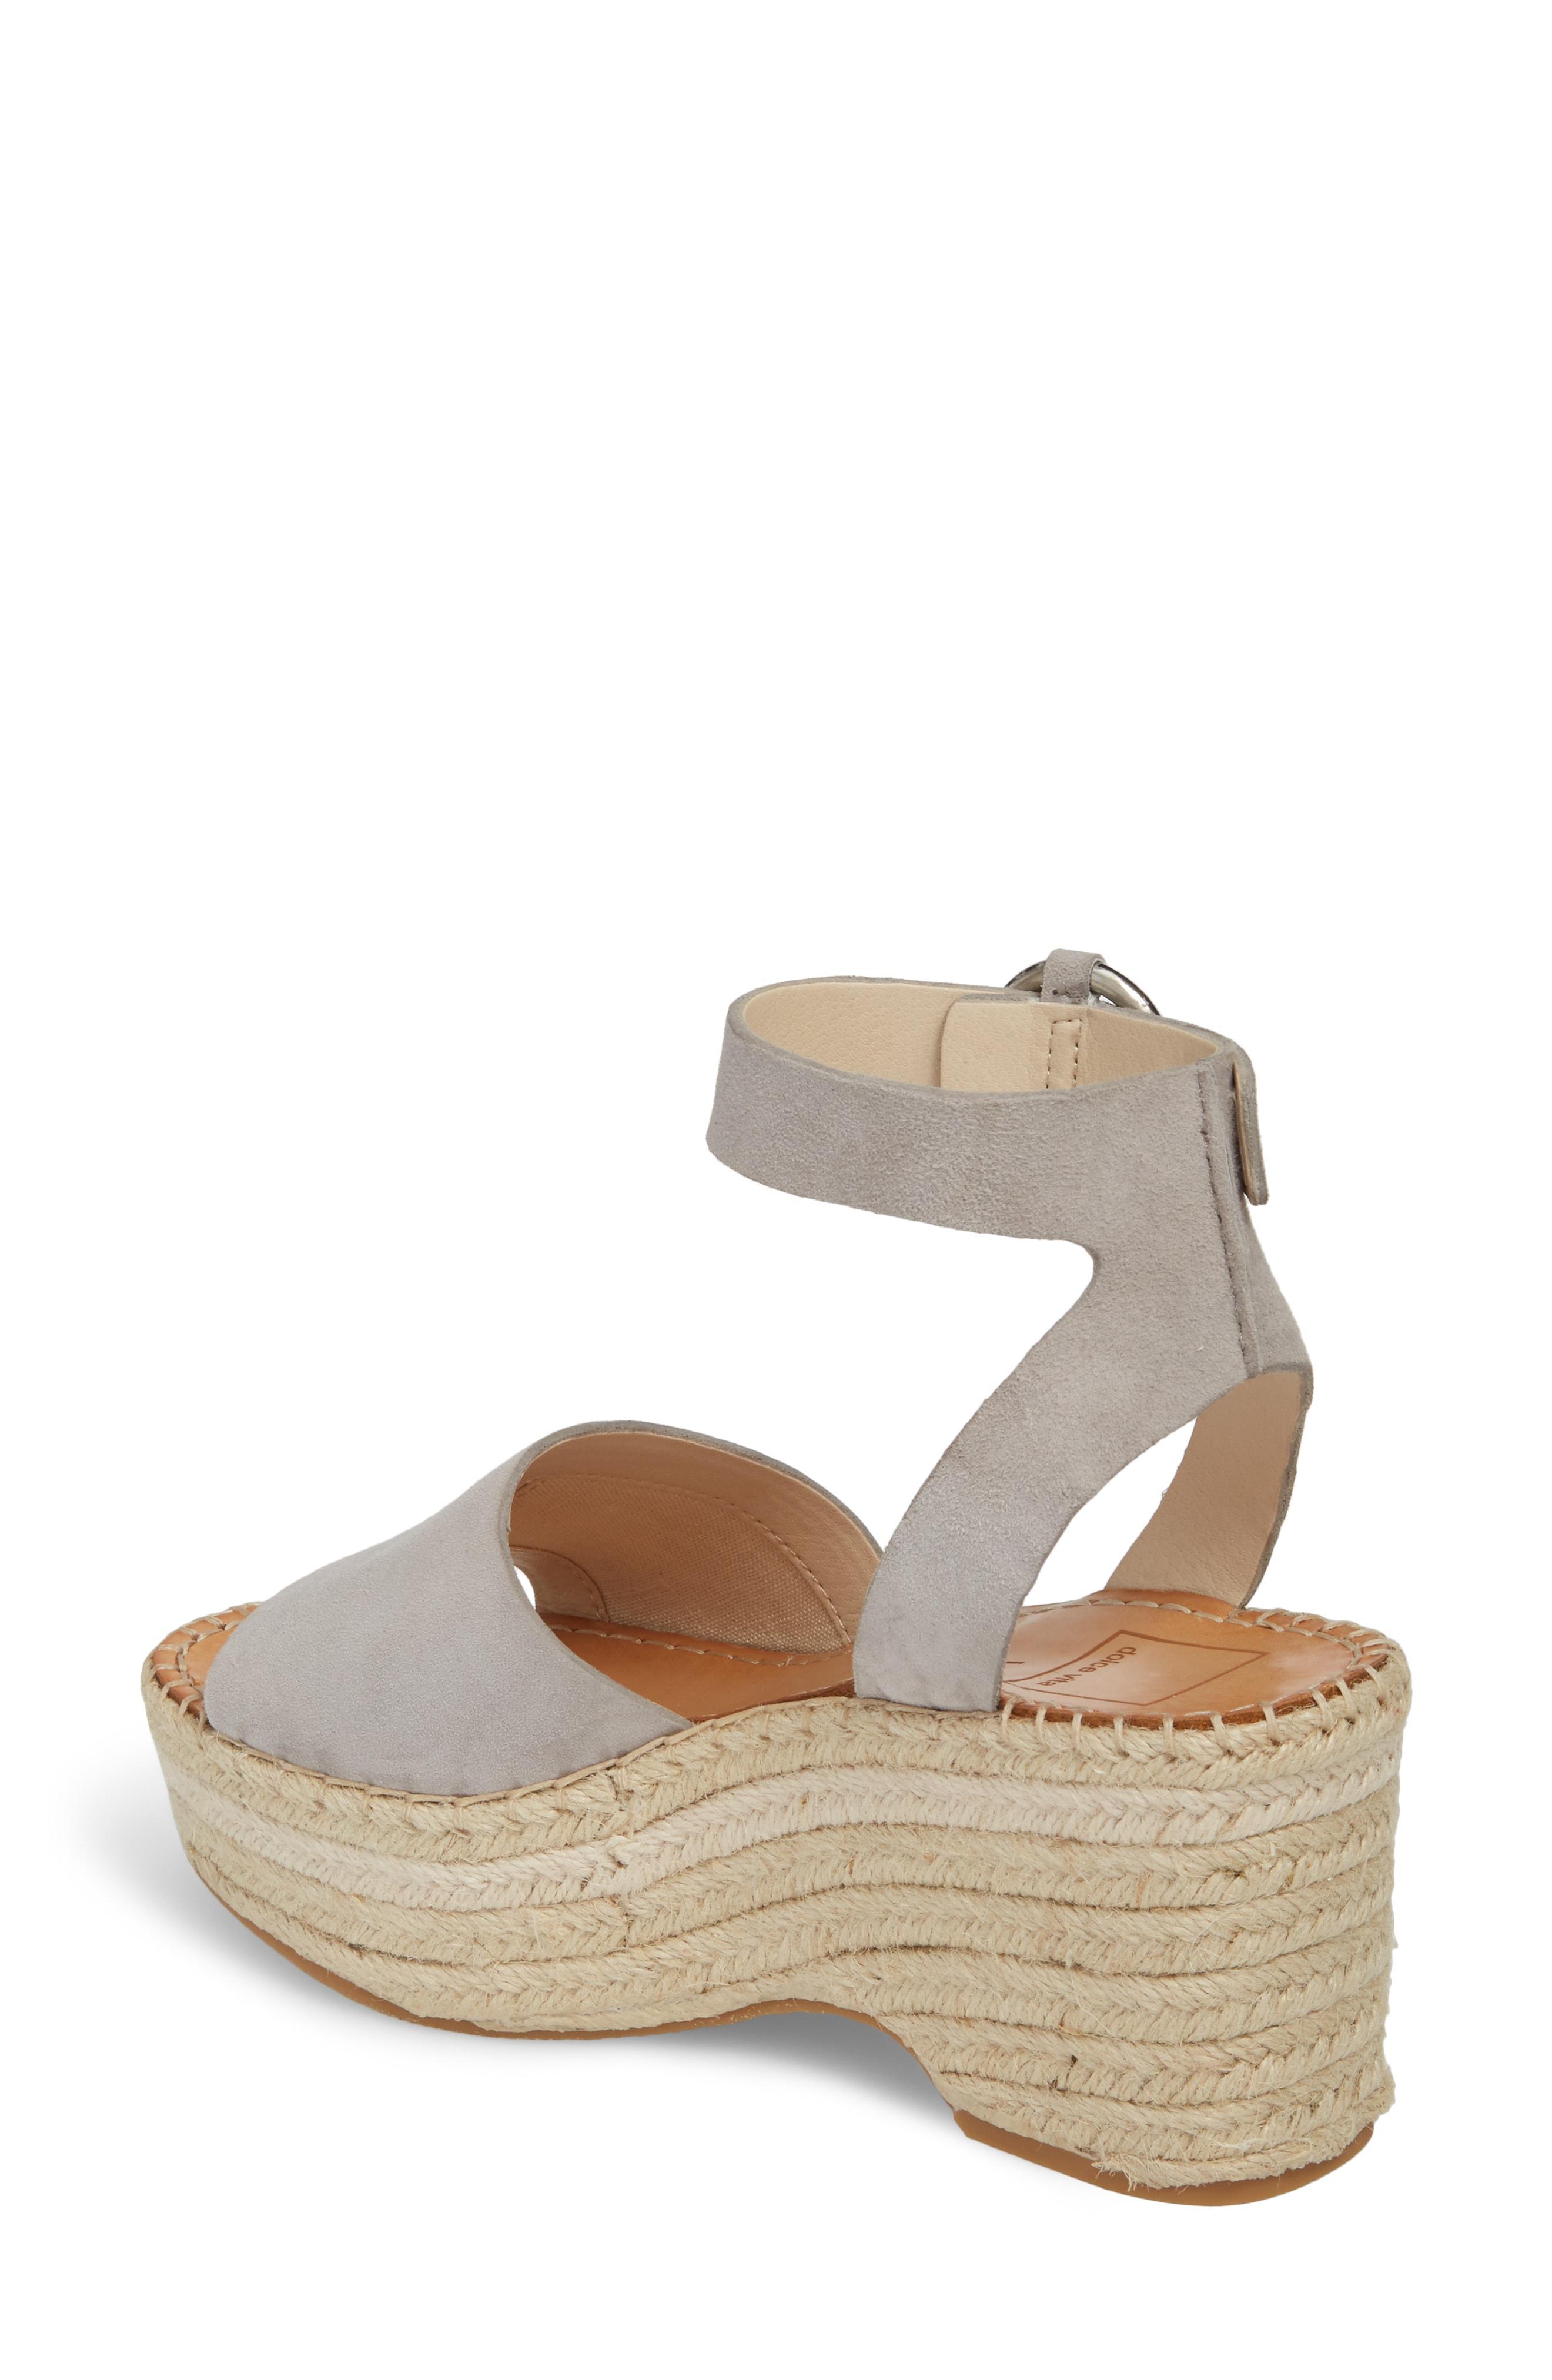 93e18076990 Lesly Espadrille Platform Sandal in Grey Suede